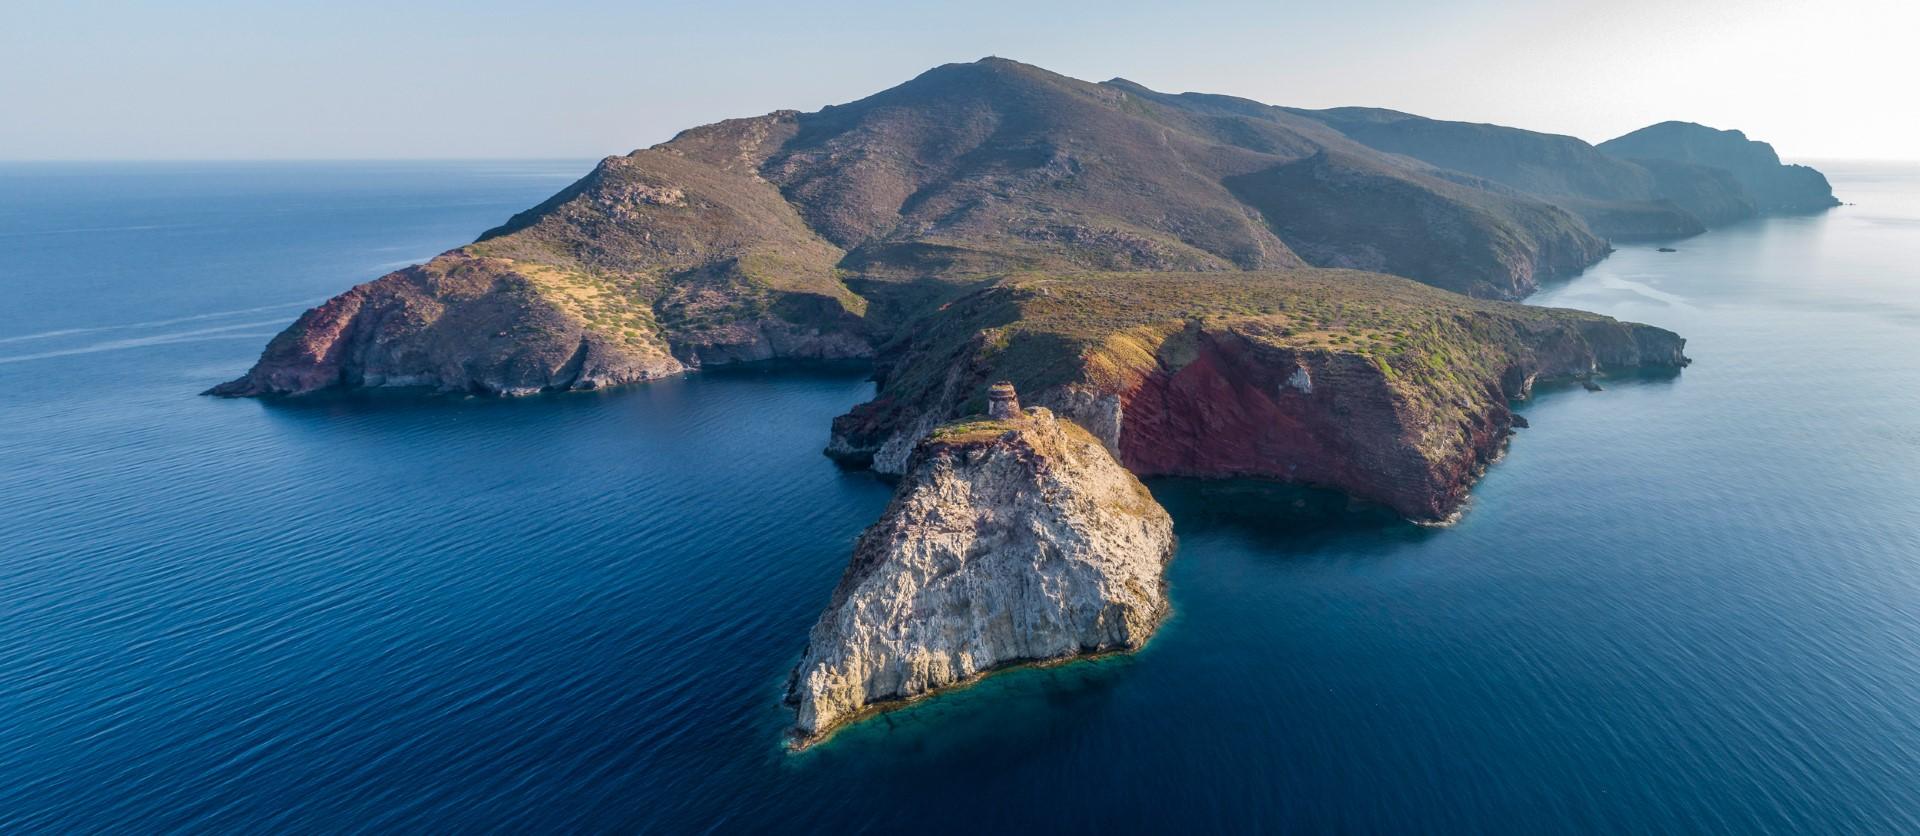 isola-di-capraia-1 (Grande)